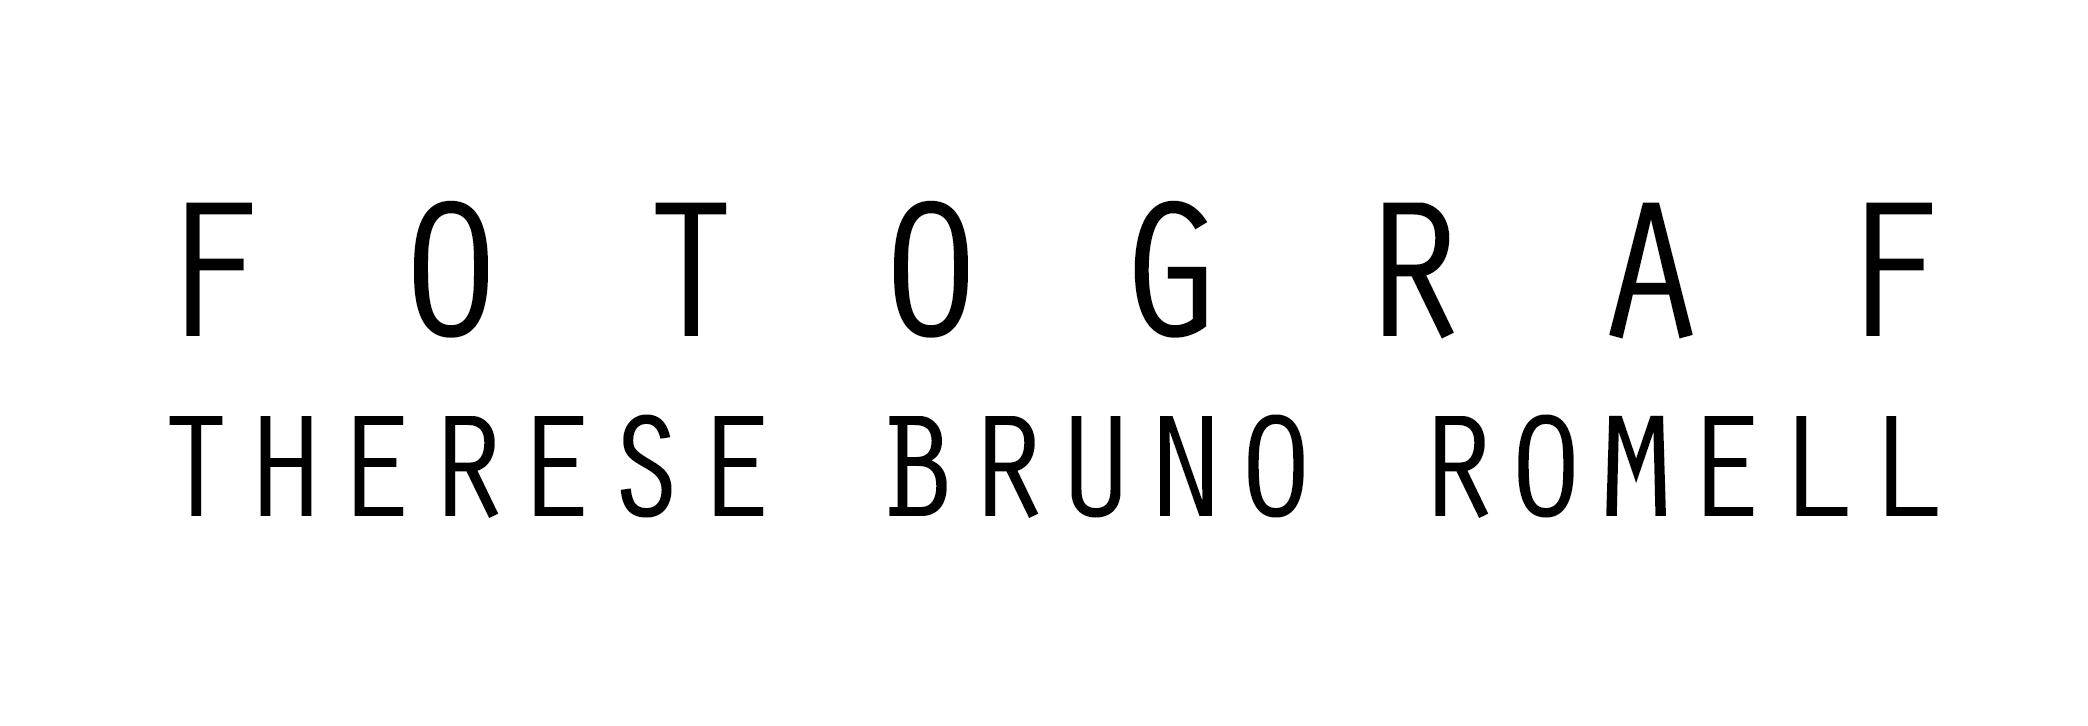 FOTOGRAF OCH INREDARE | Therese Bruno Romell logo